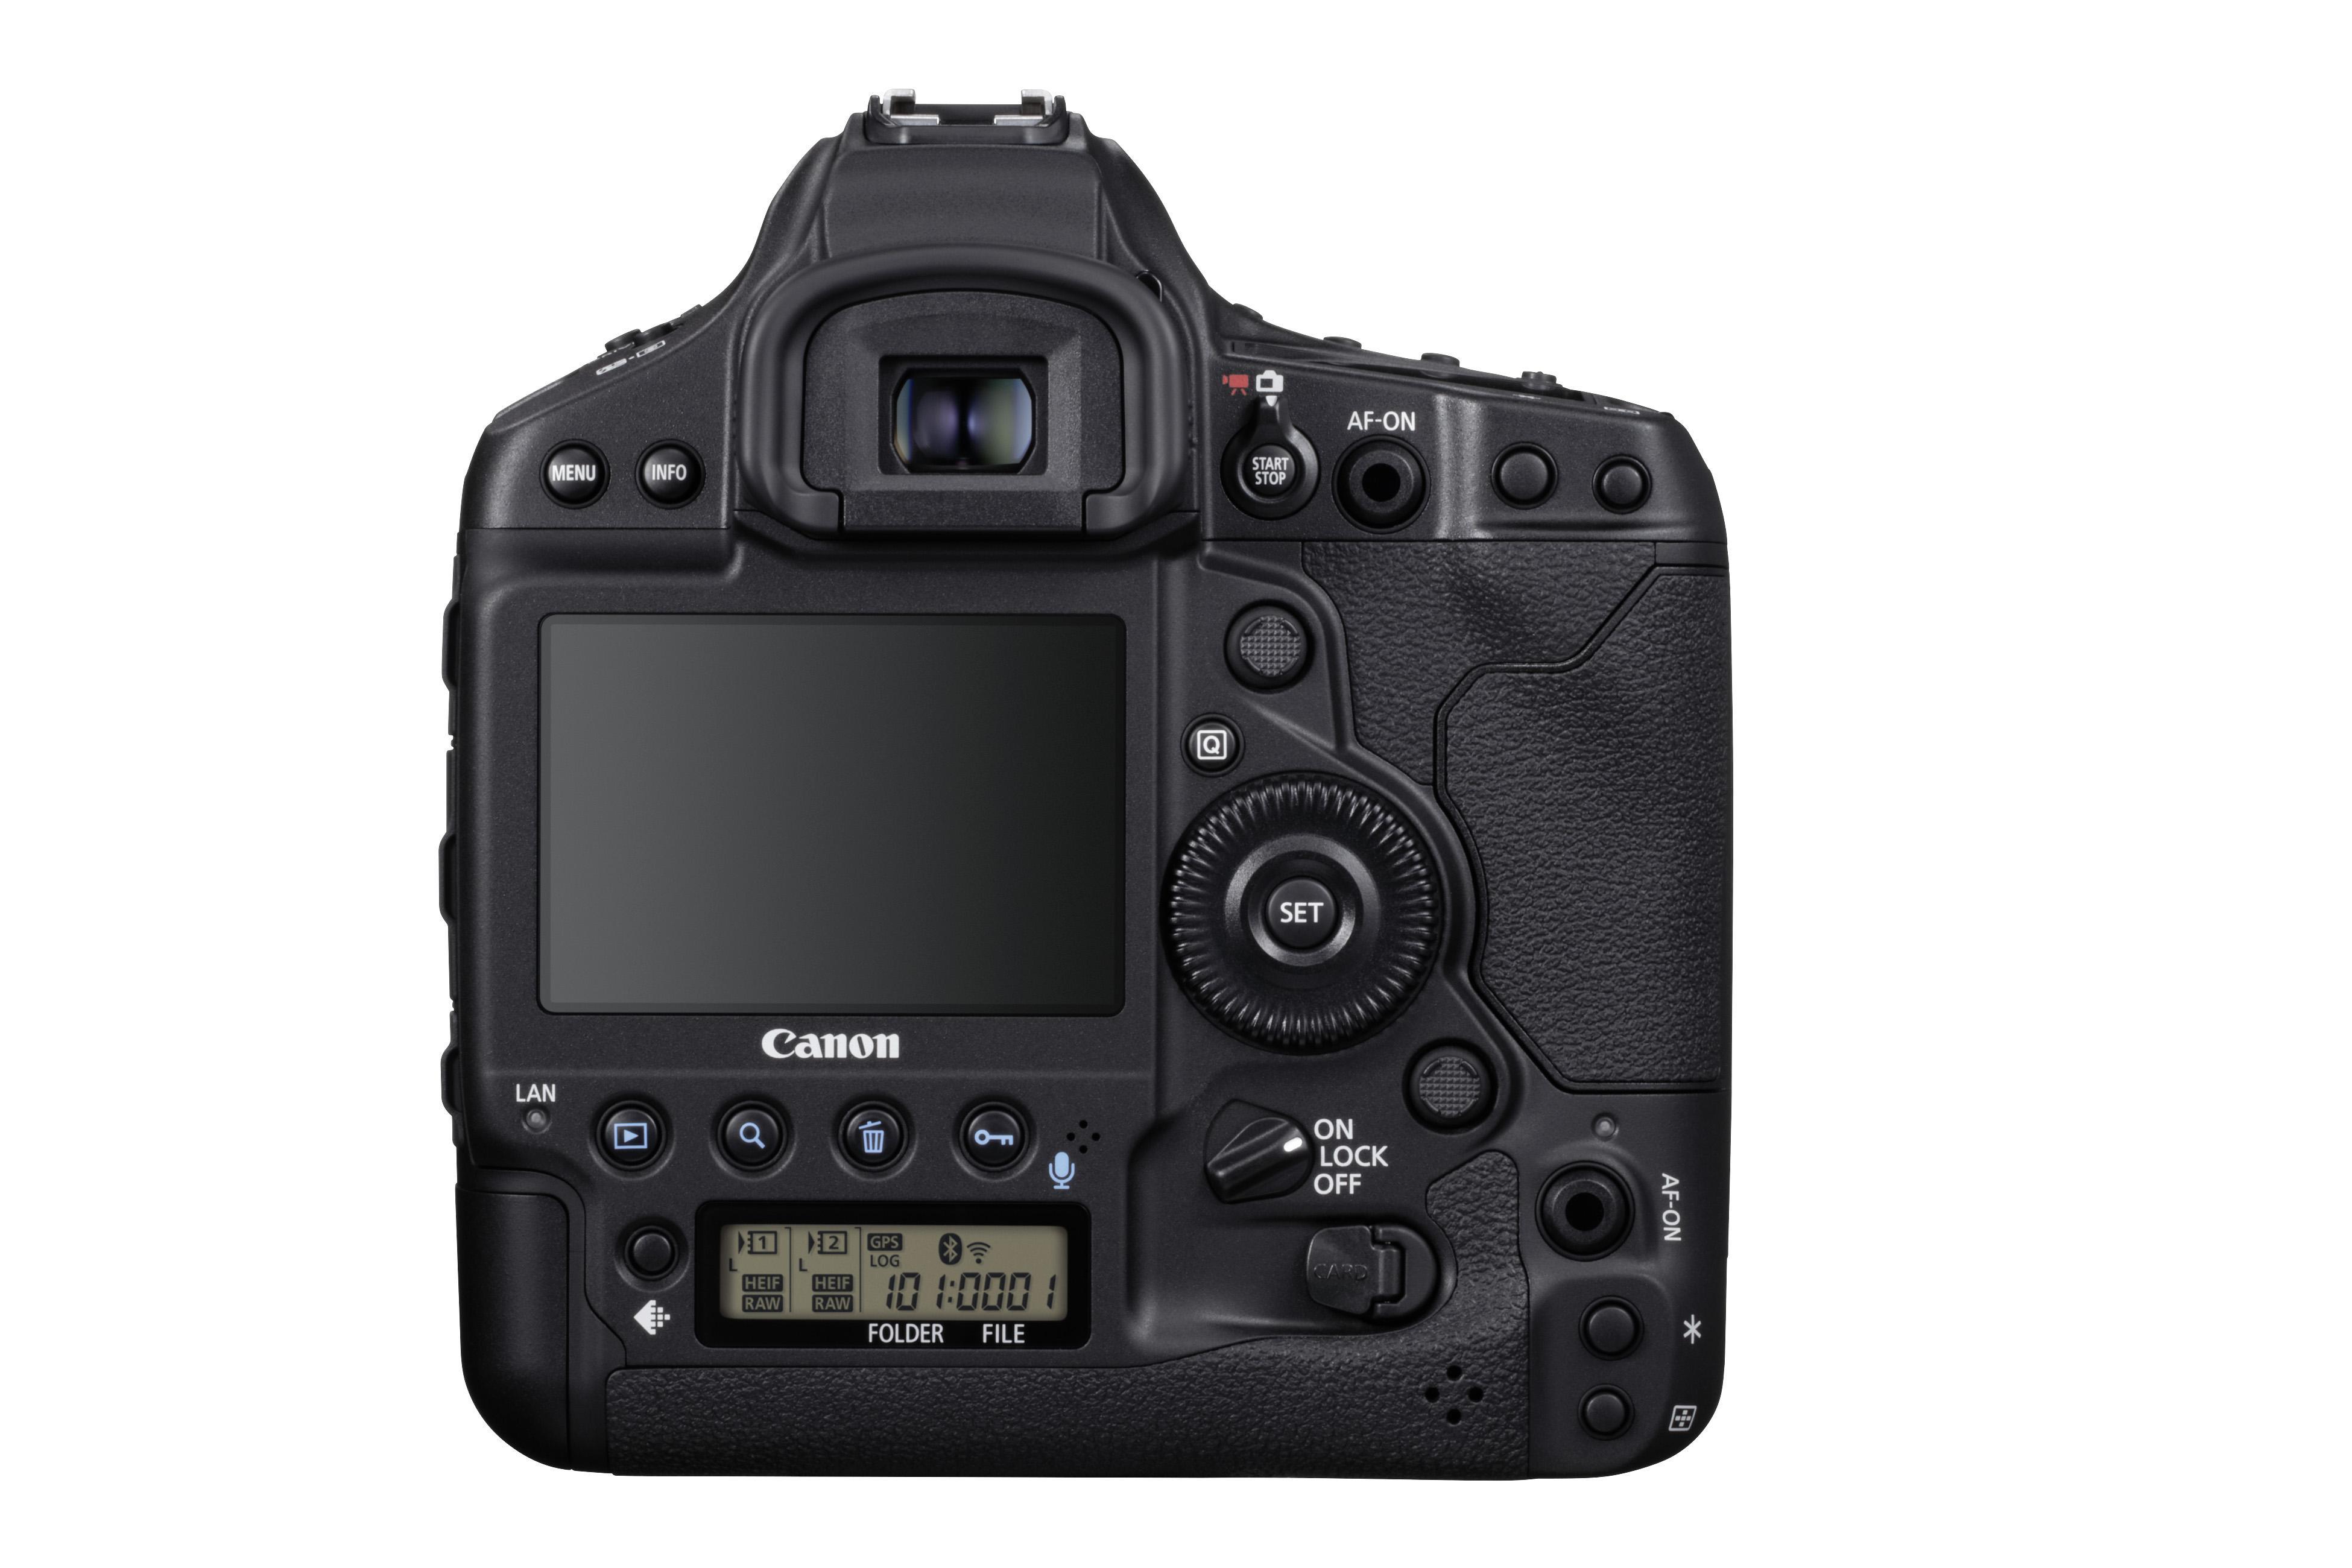 佳能EOS-1D X Mark III数码单反相机(反面).jpg